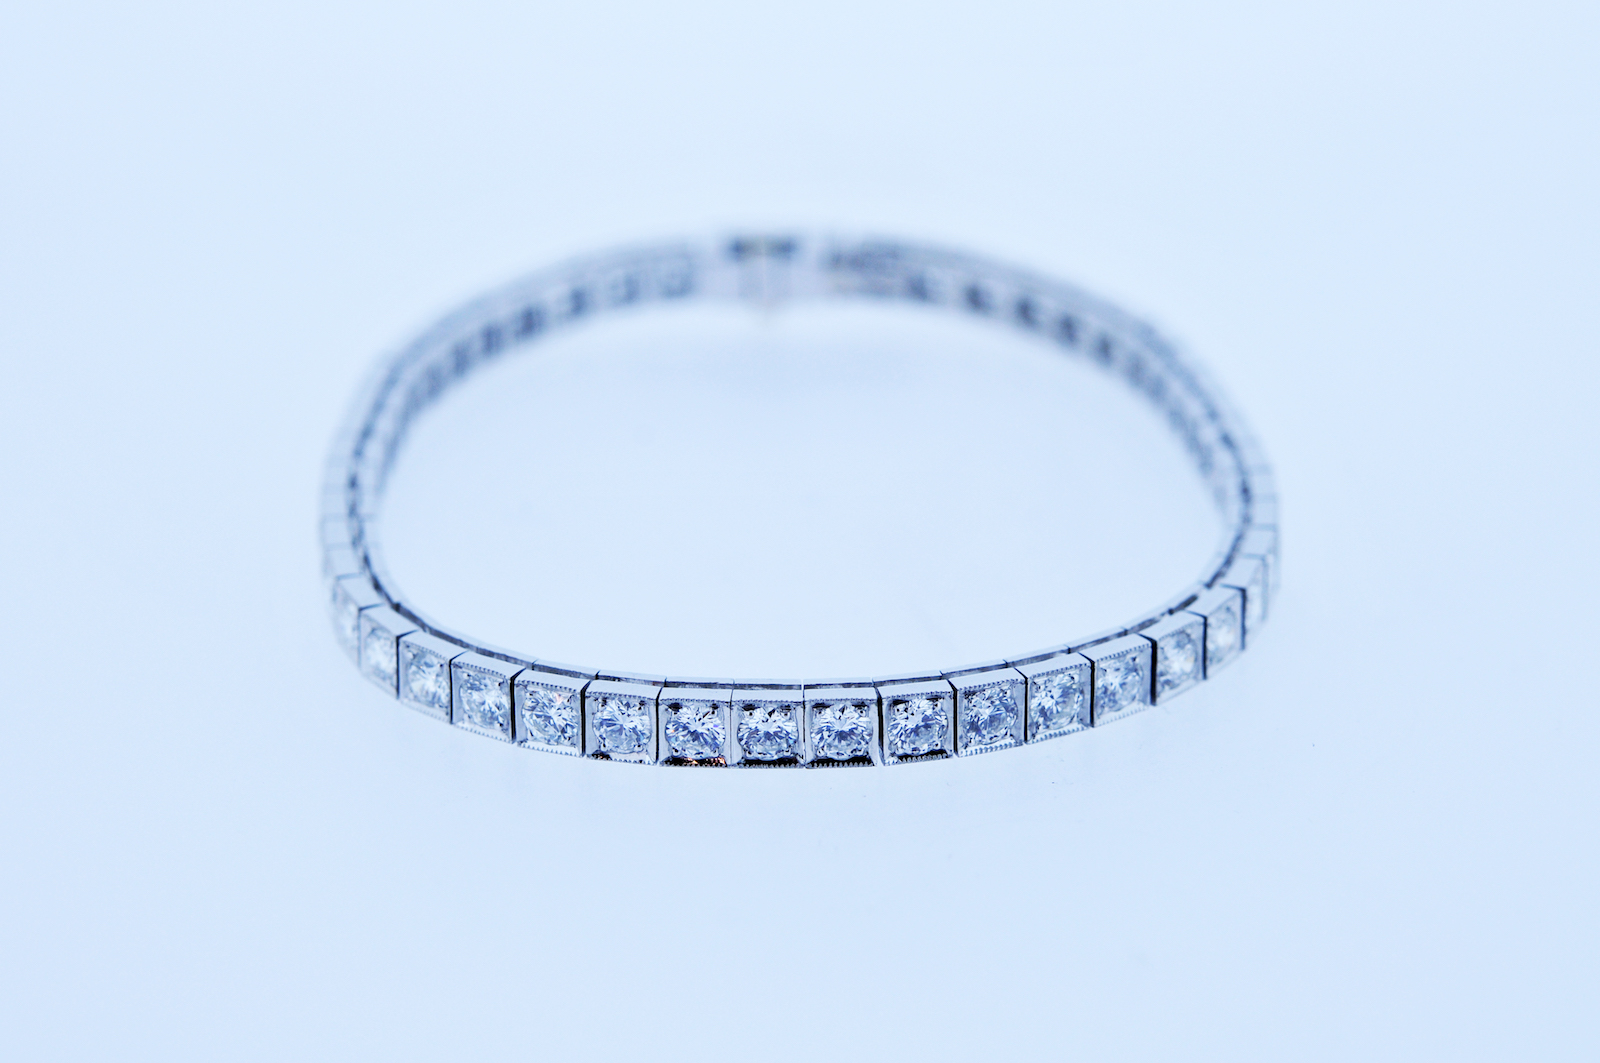 #49 Bracelet | Armband Image